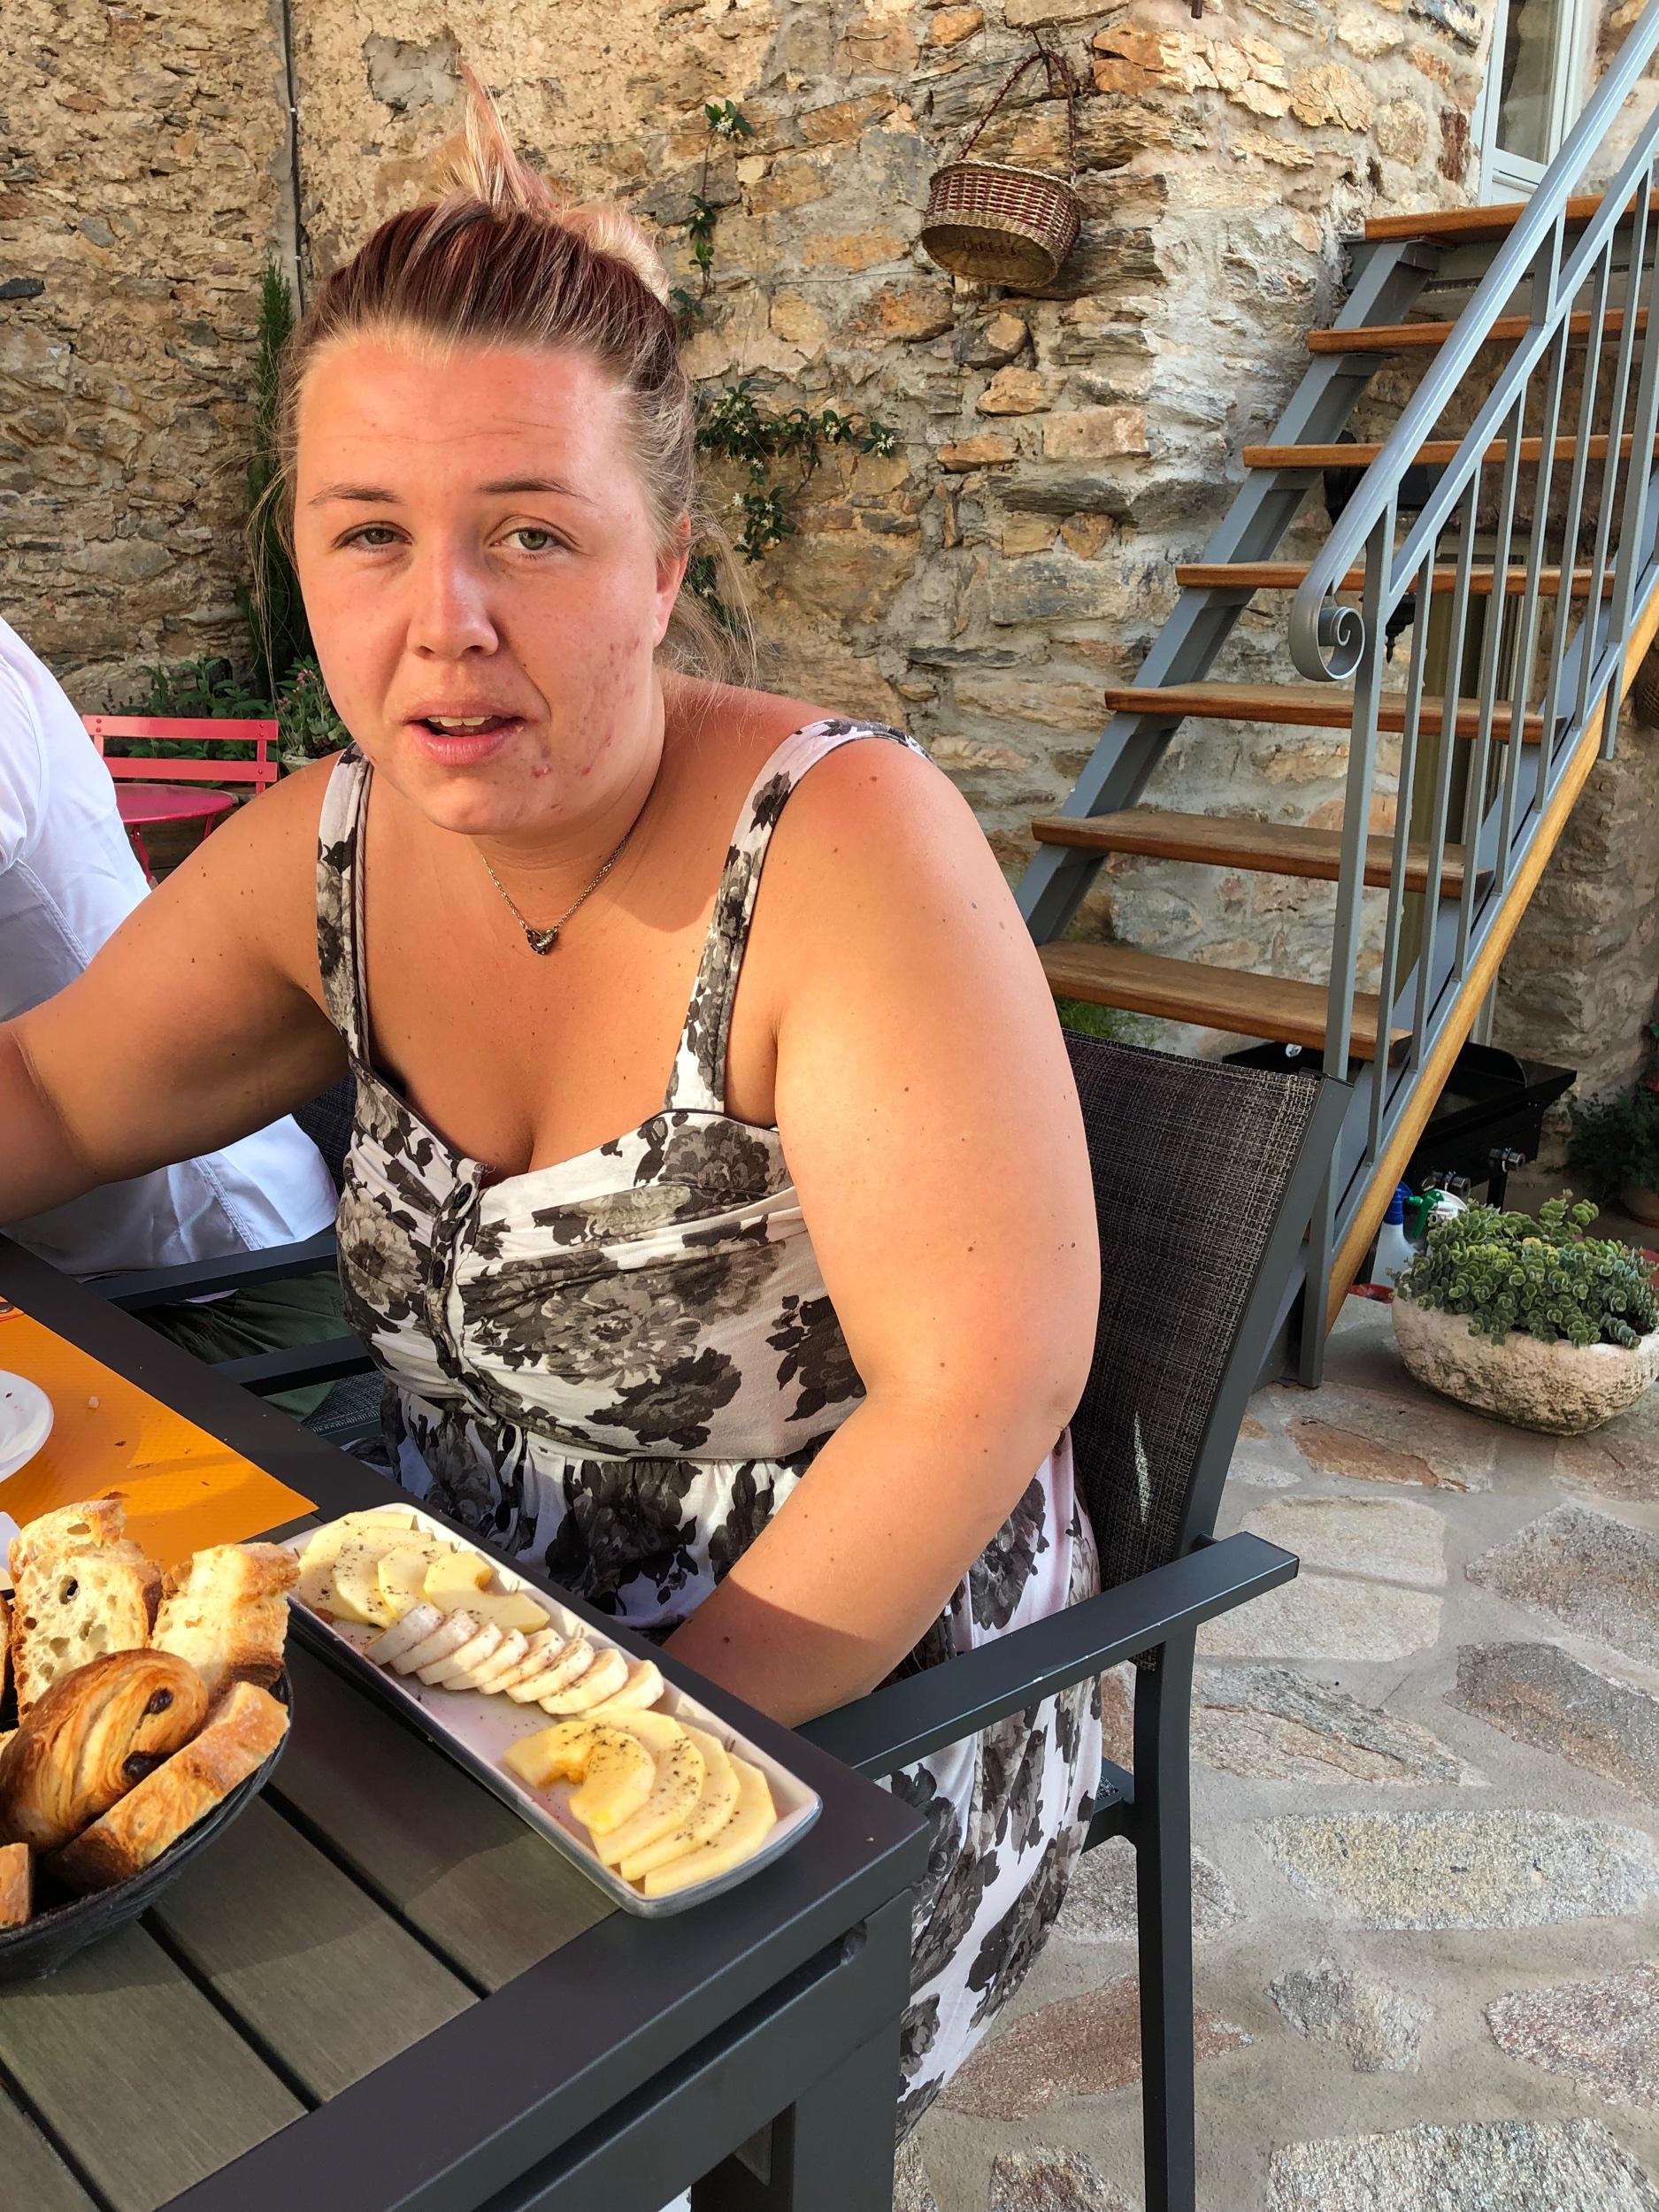 Syrran har blivit serverad fruktfat och brödkorg.